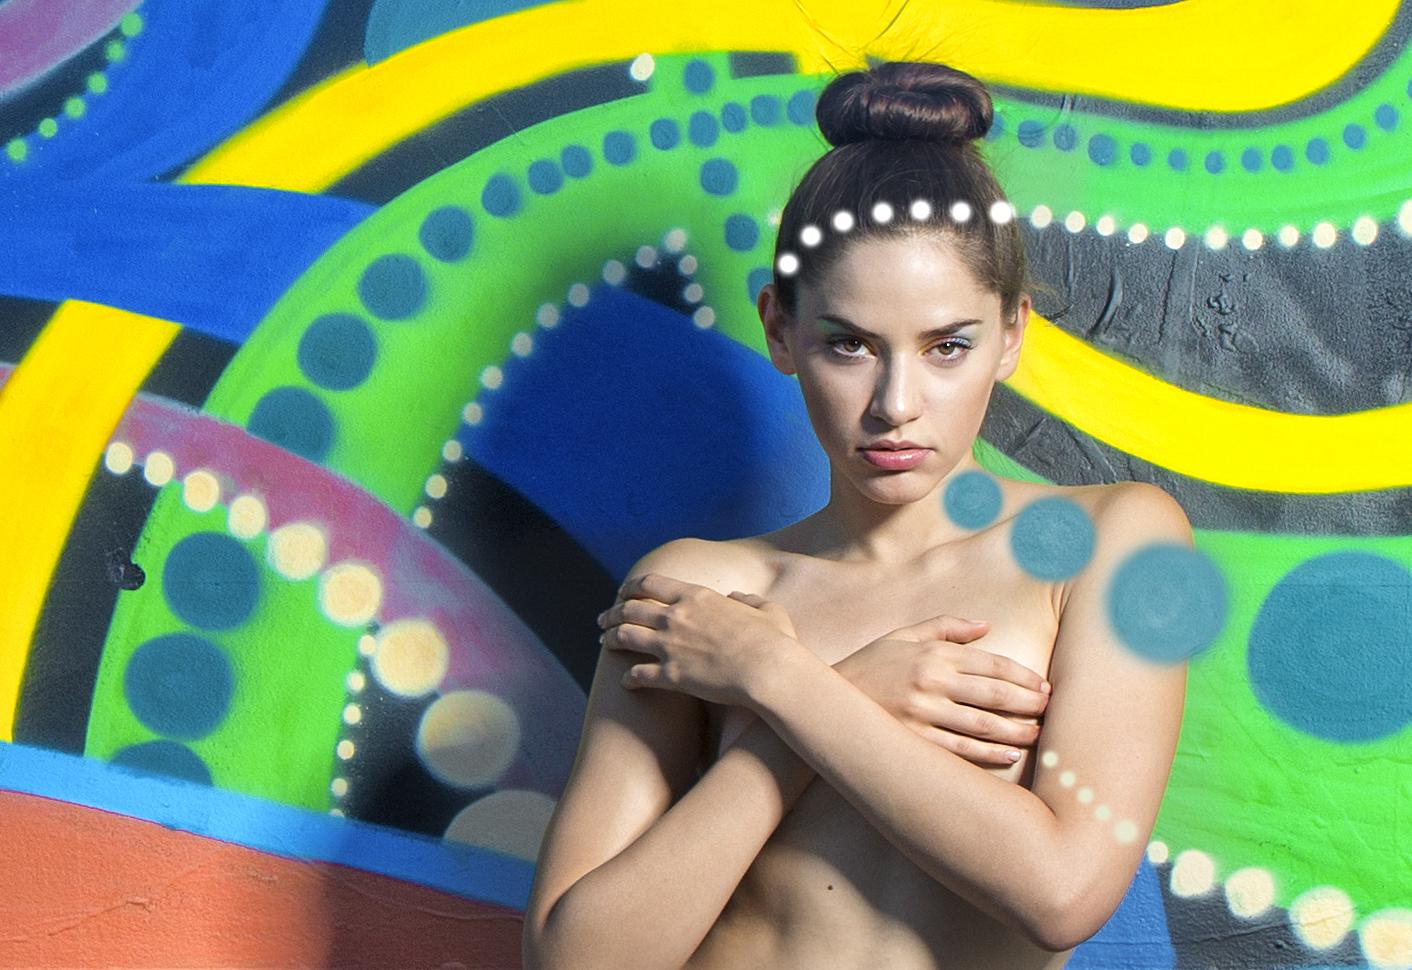 art+basel+fashion+photographer+wynwood+walls+miami